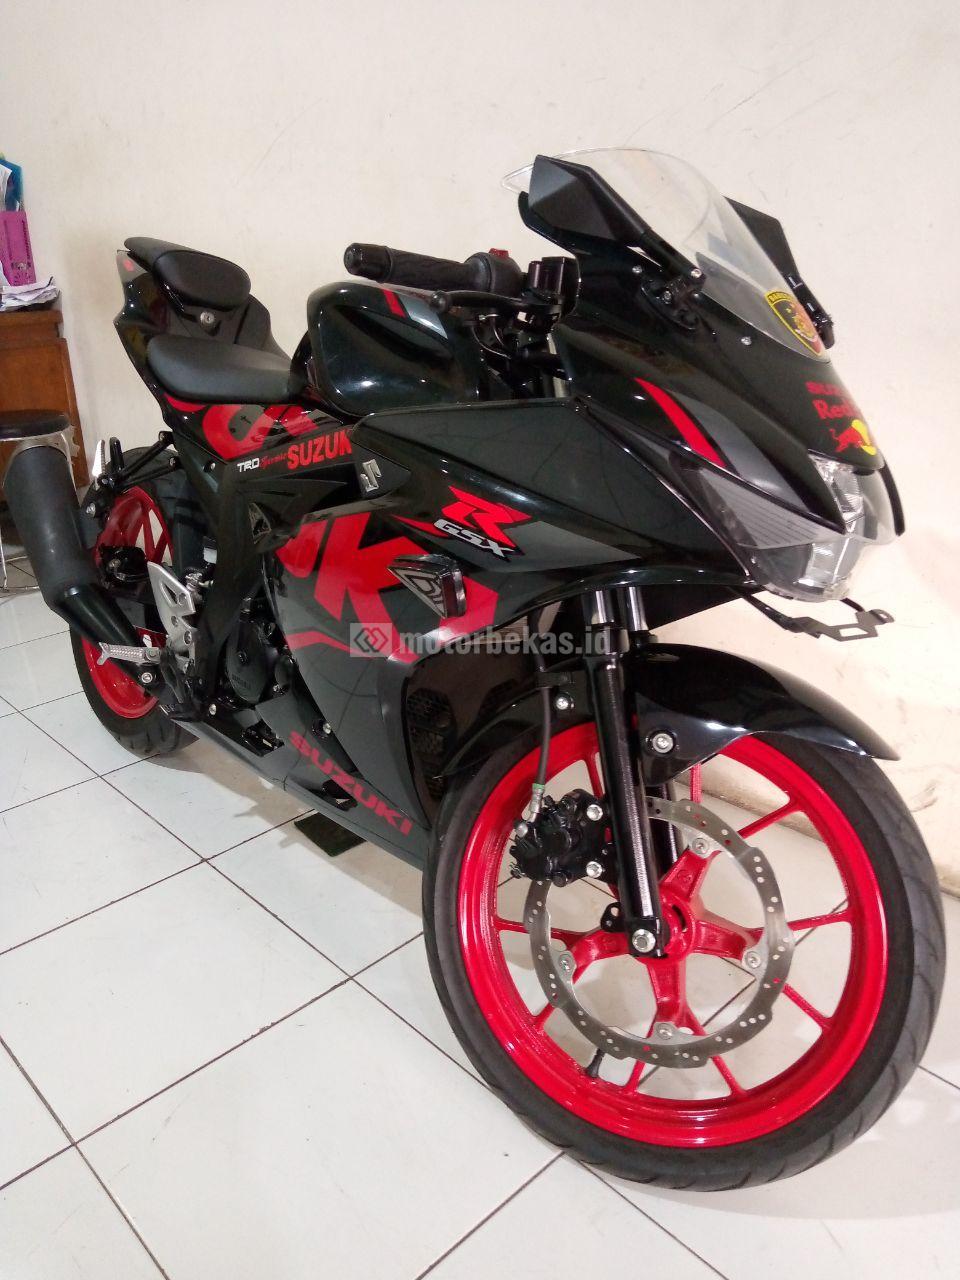 SUZUKI GSX 150R  2756 motorbekas.id